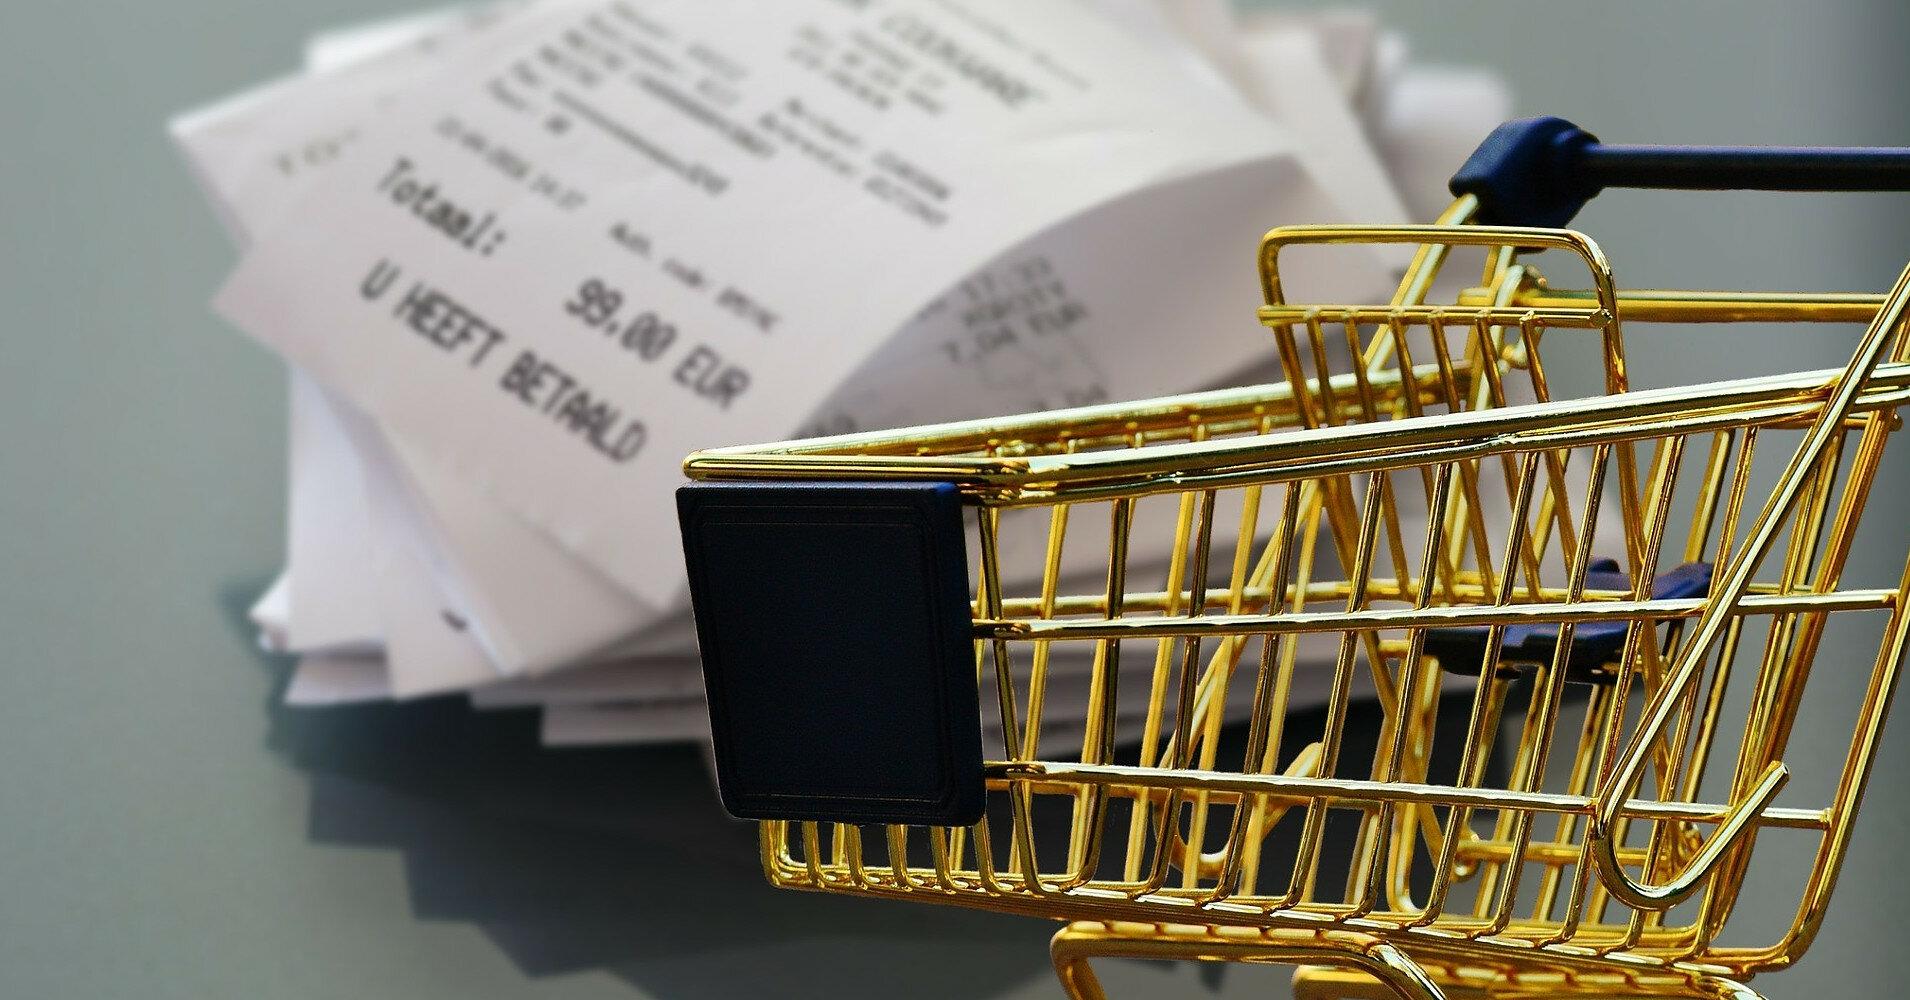 Цены на продукты выросли: что подорожало больше всего